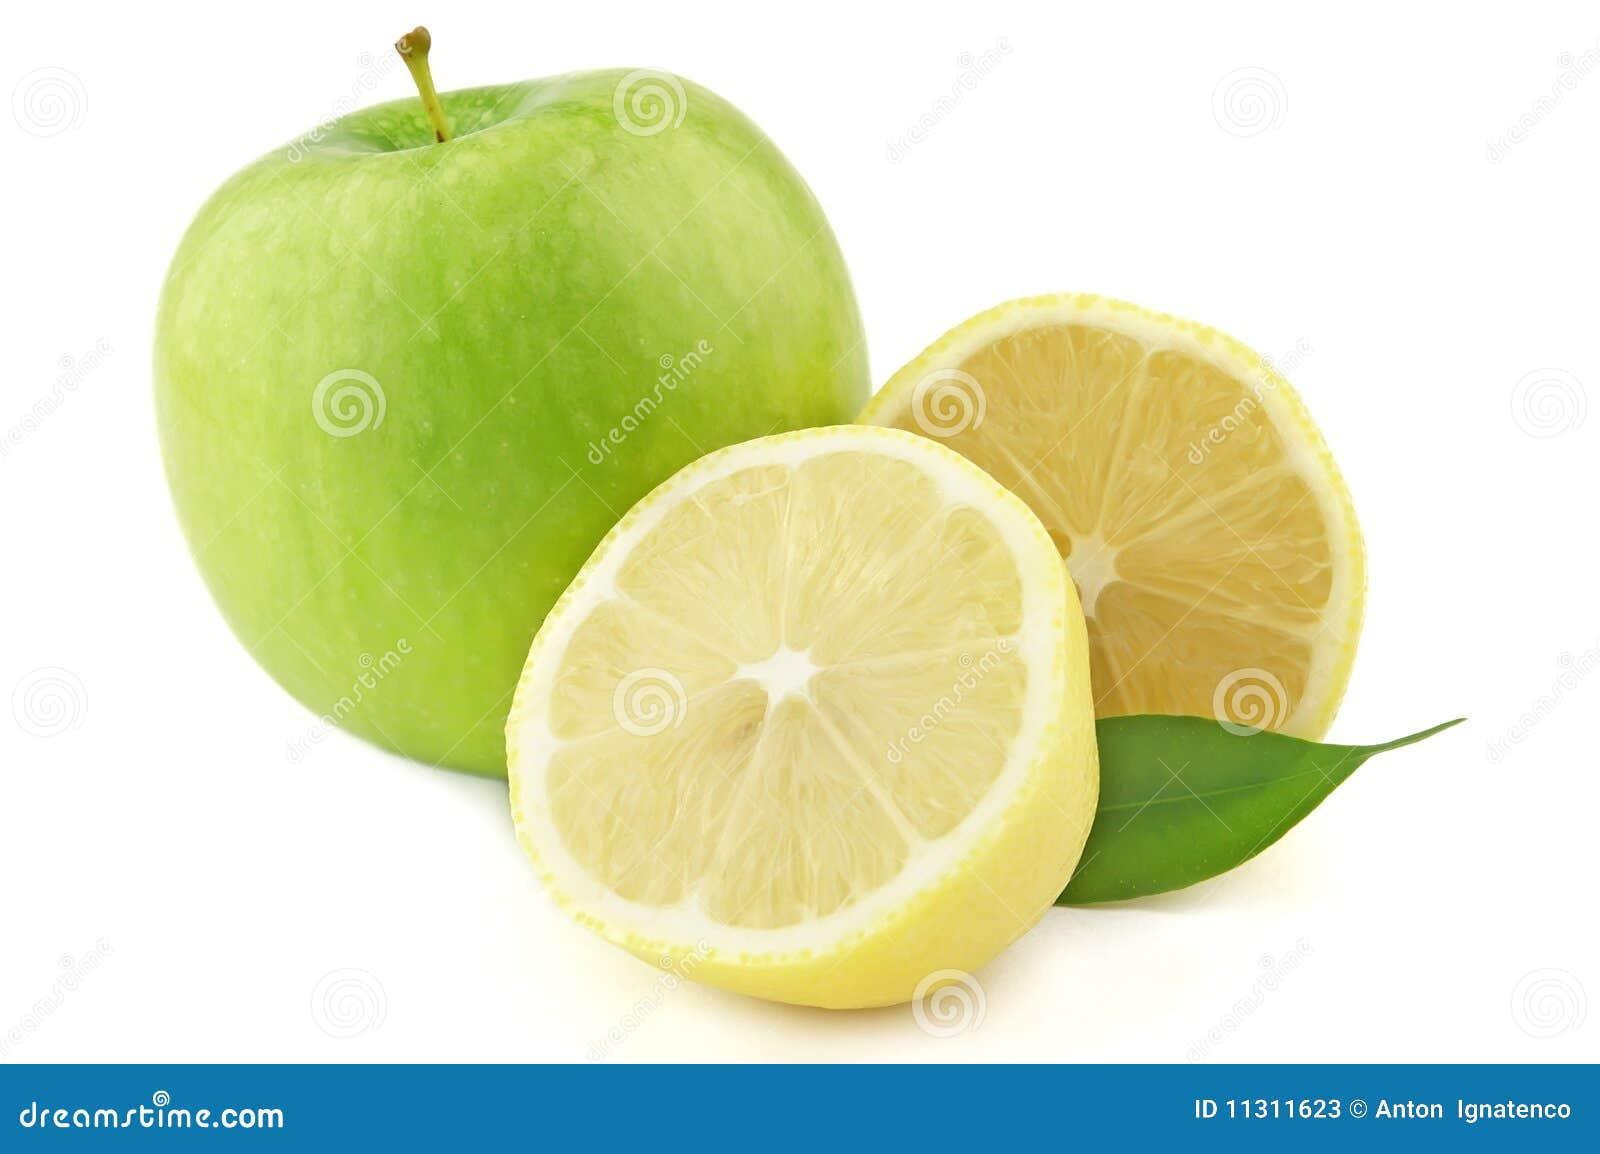 Zitrone und Apfel